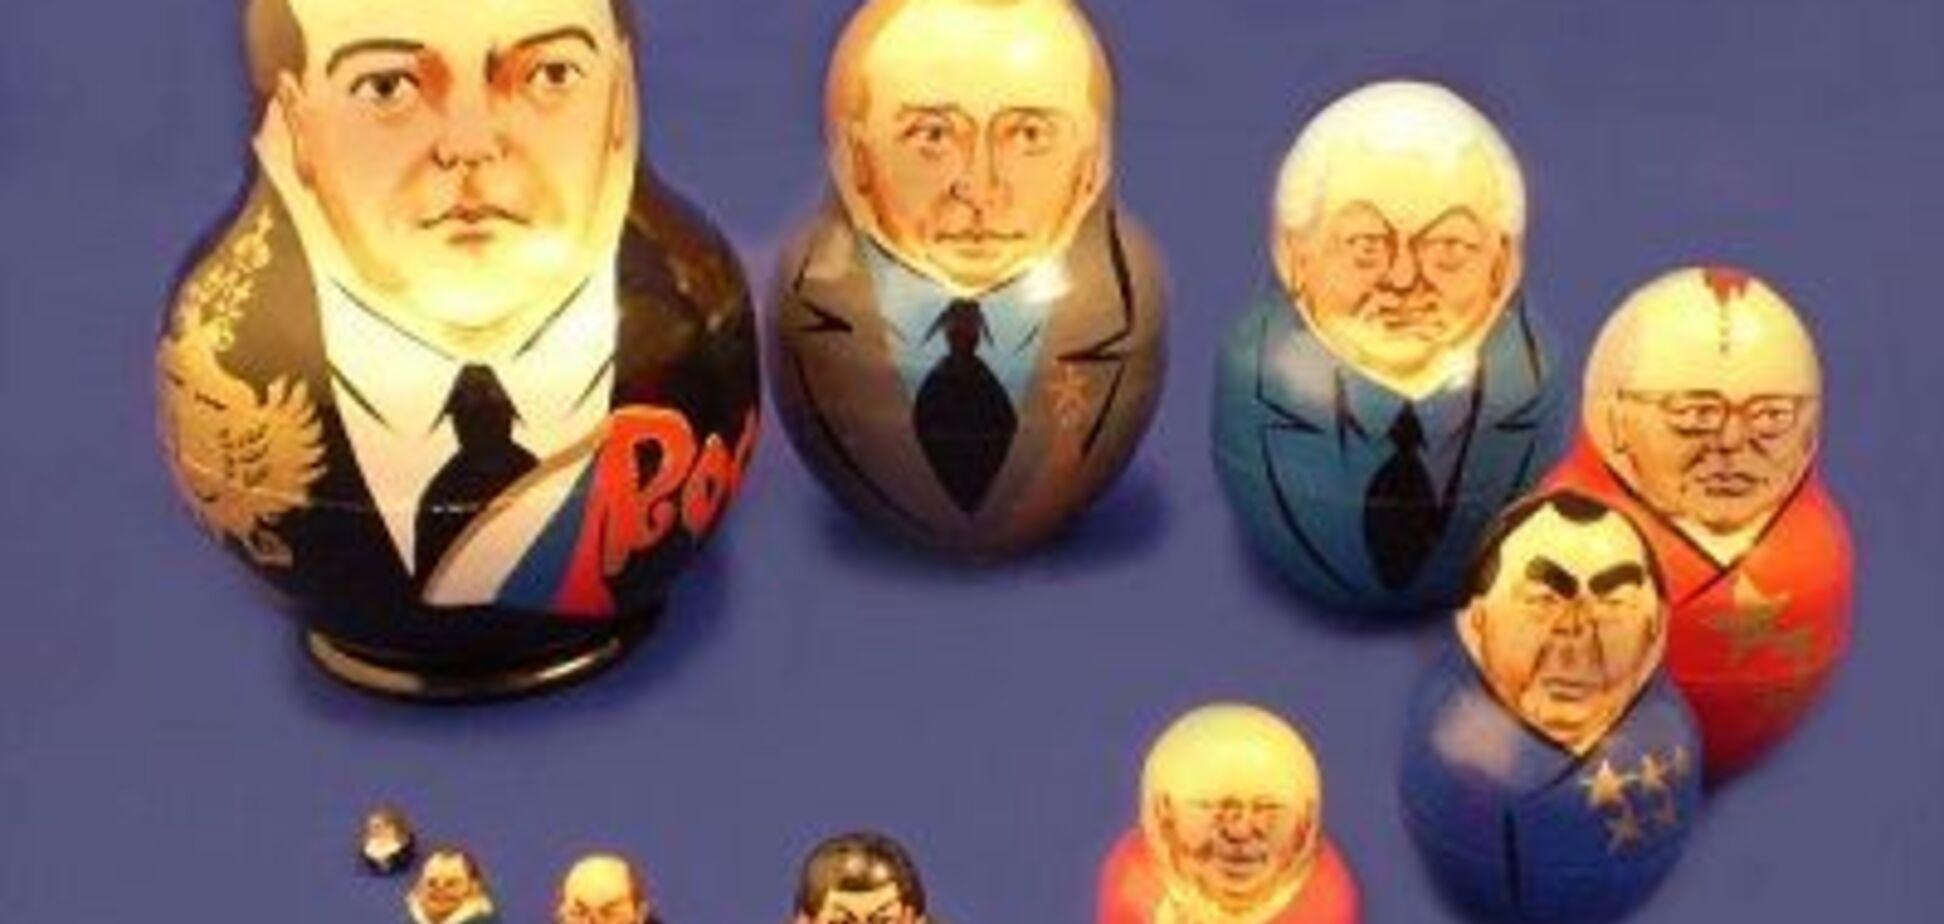 Забавная нумерология в российской политике